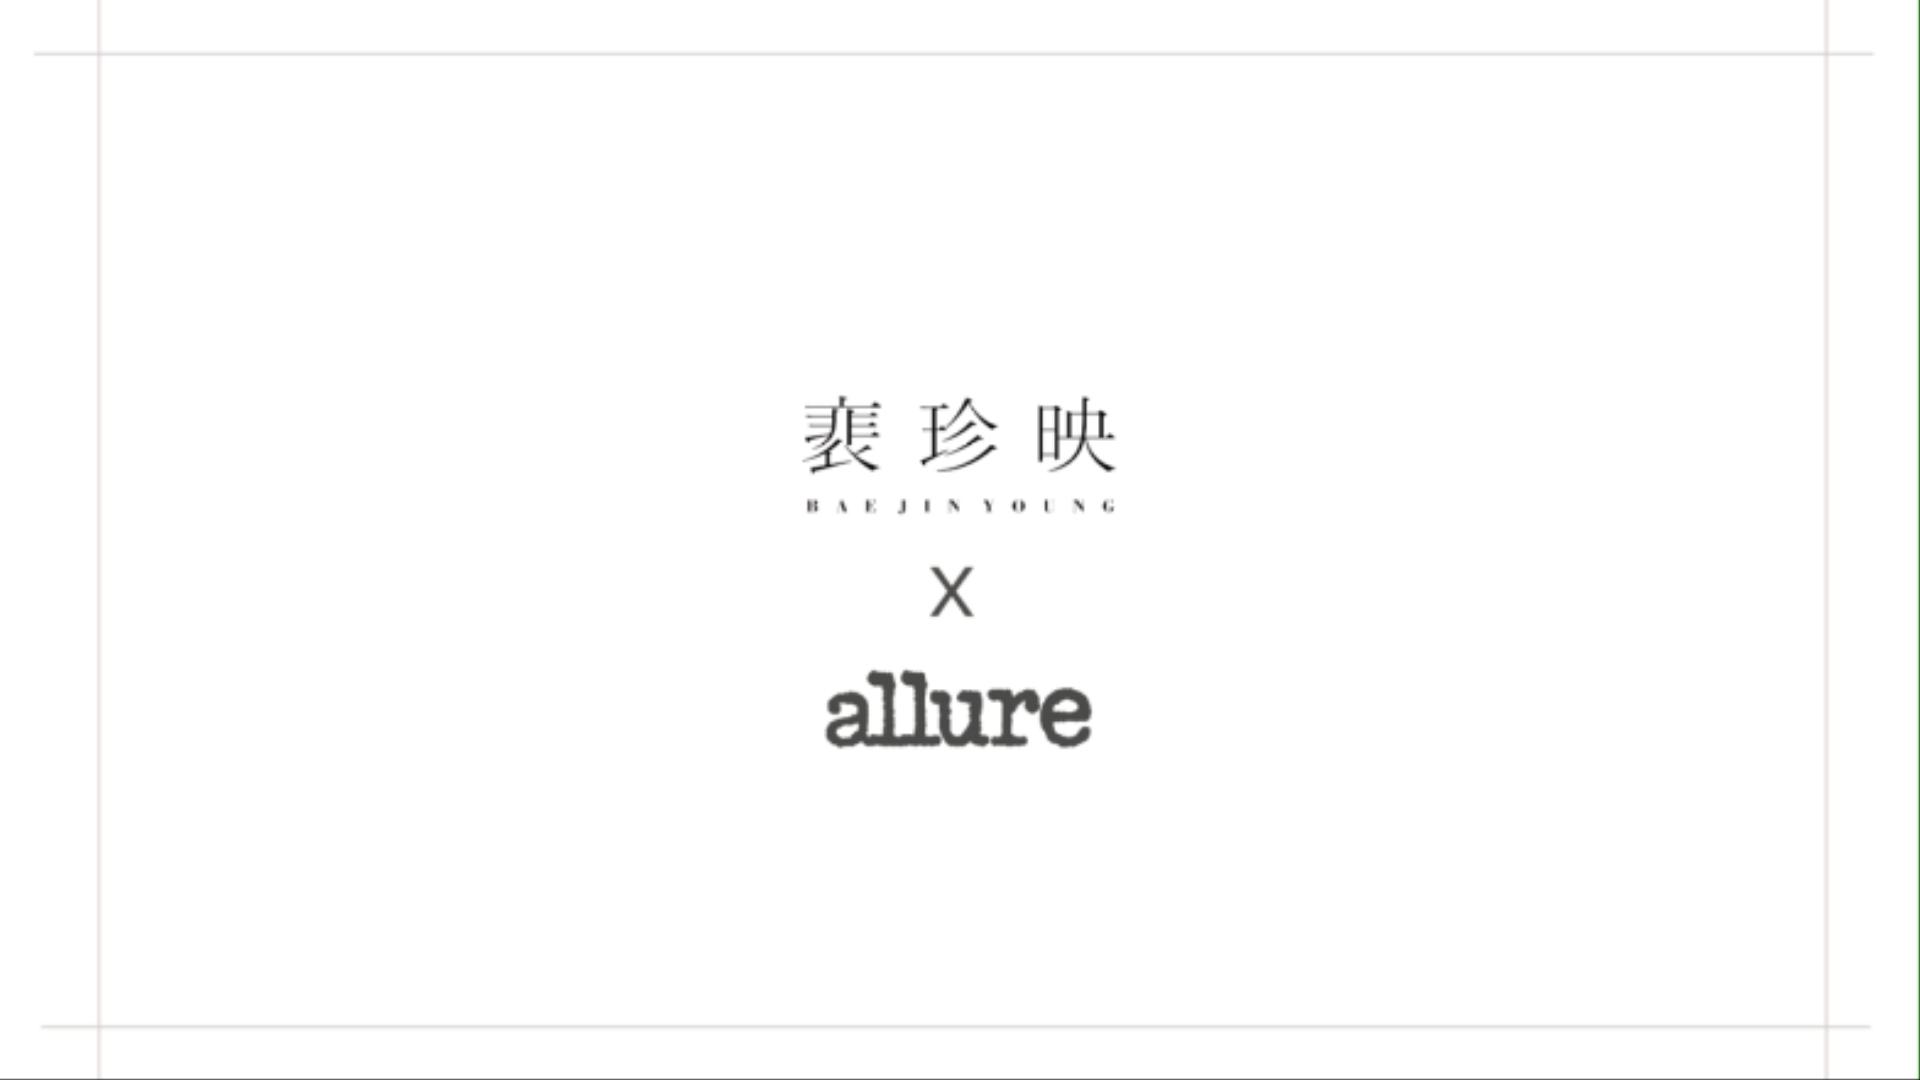 [BEHIND] BAEJINYOUNG X allure BEHIND STORY